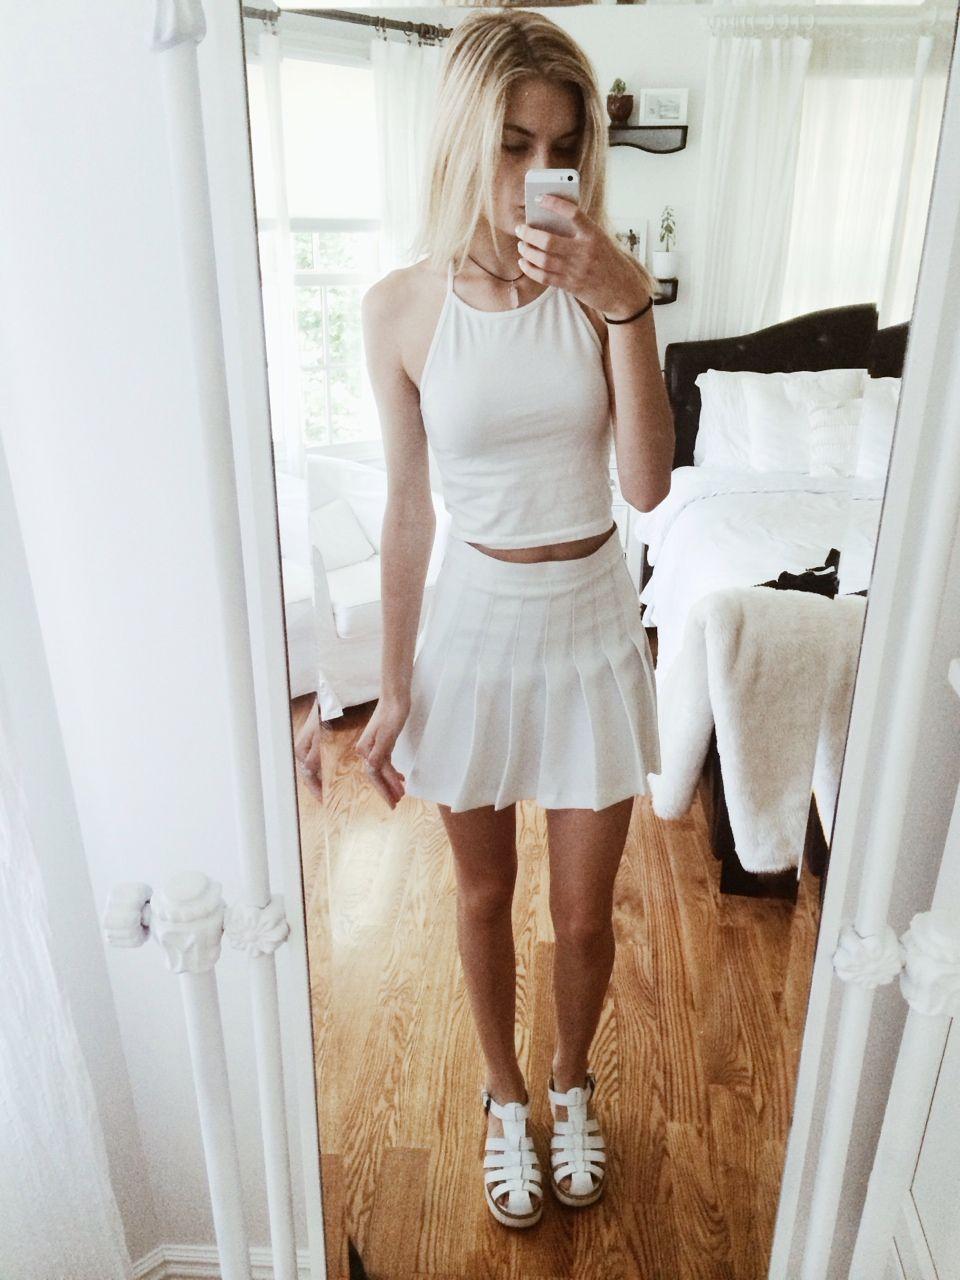 Christiescloset American Apparel Tennis Skirt Fashion Tennis Skirt